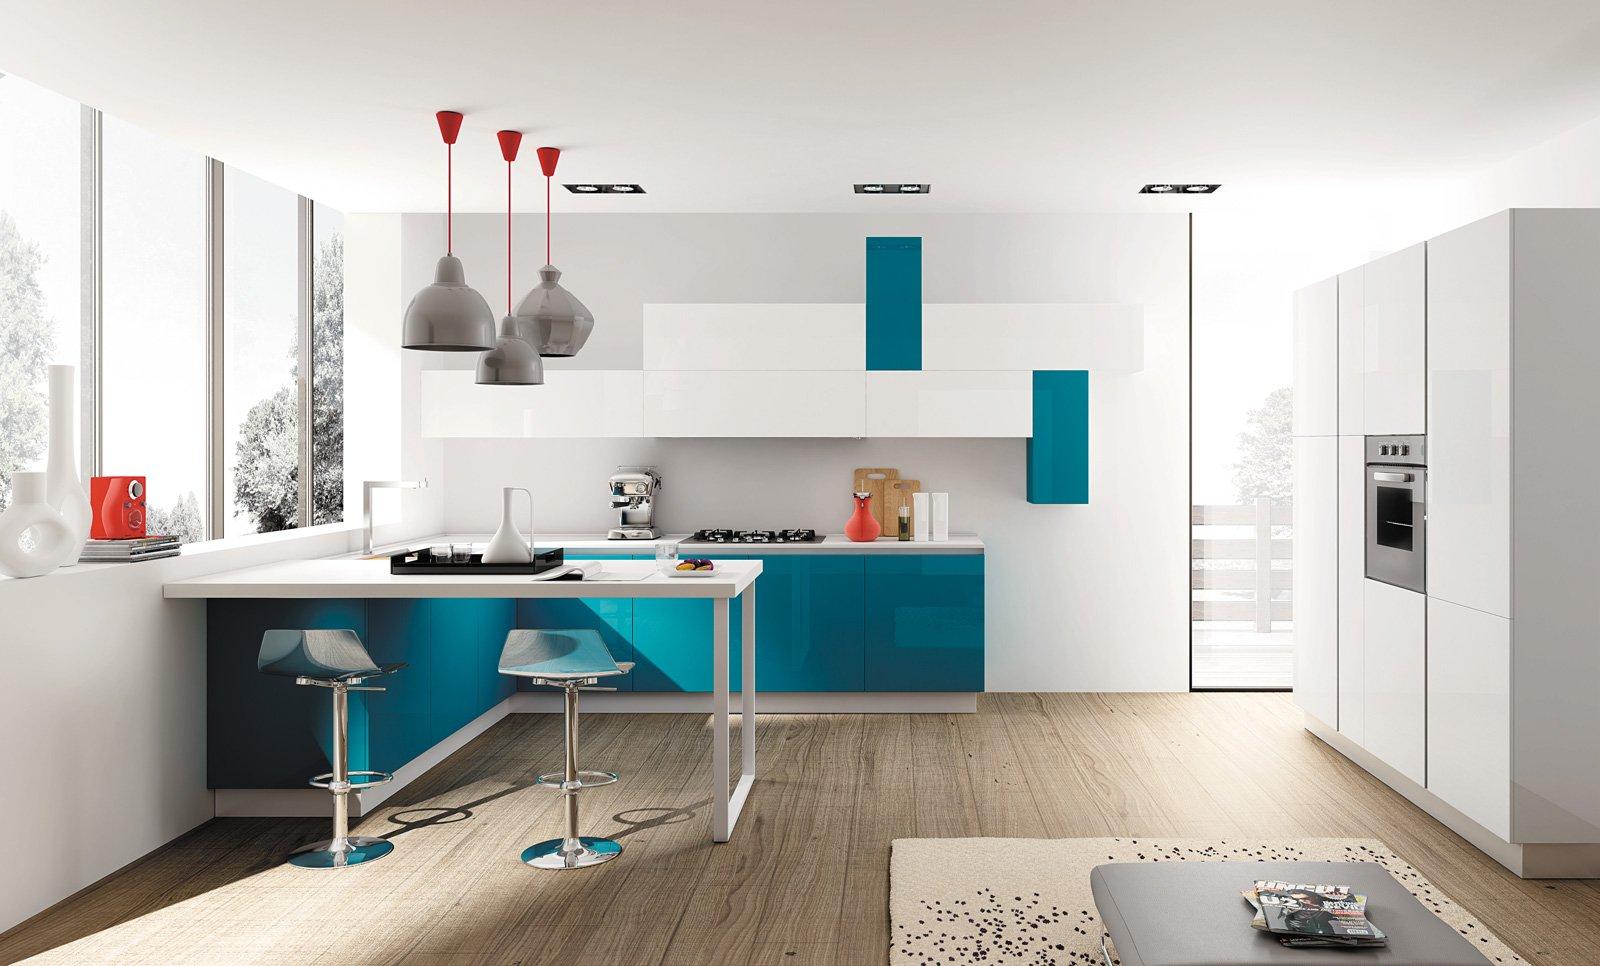 Cucine Bicolore L Alternanza Cromatica Fa Tendenza Cose Di Casa